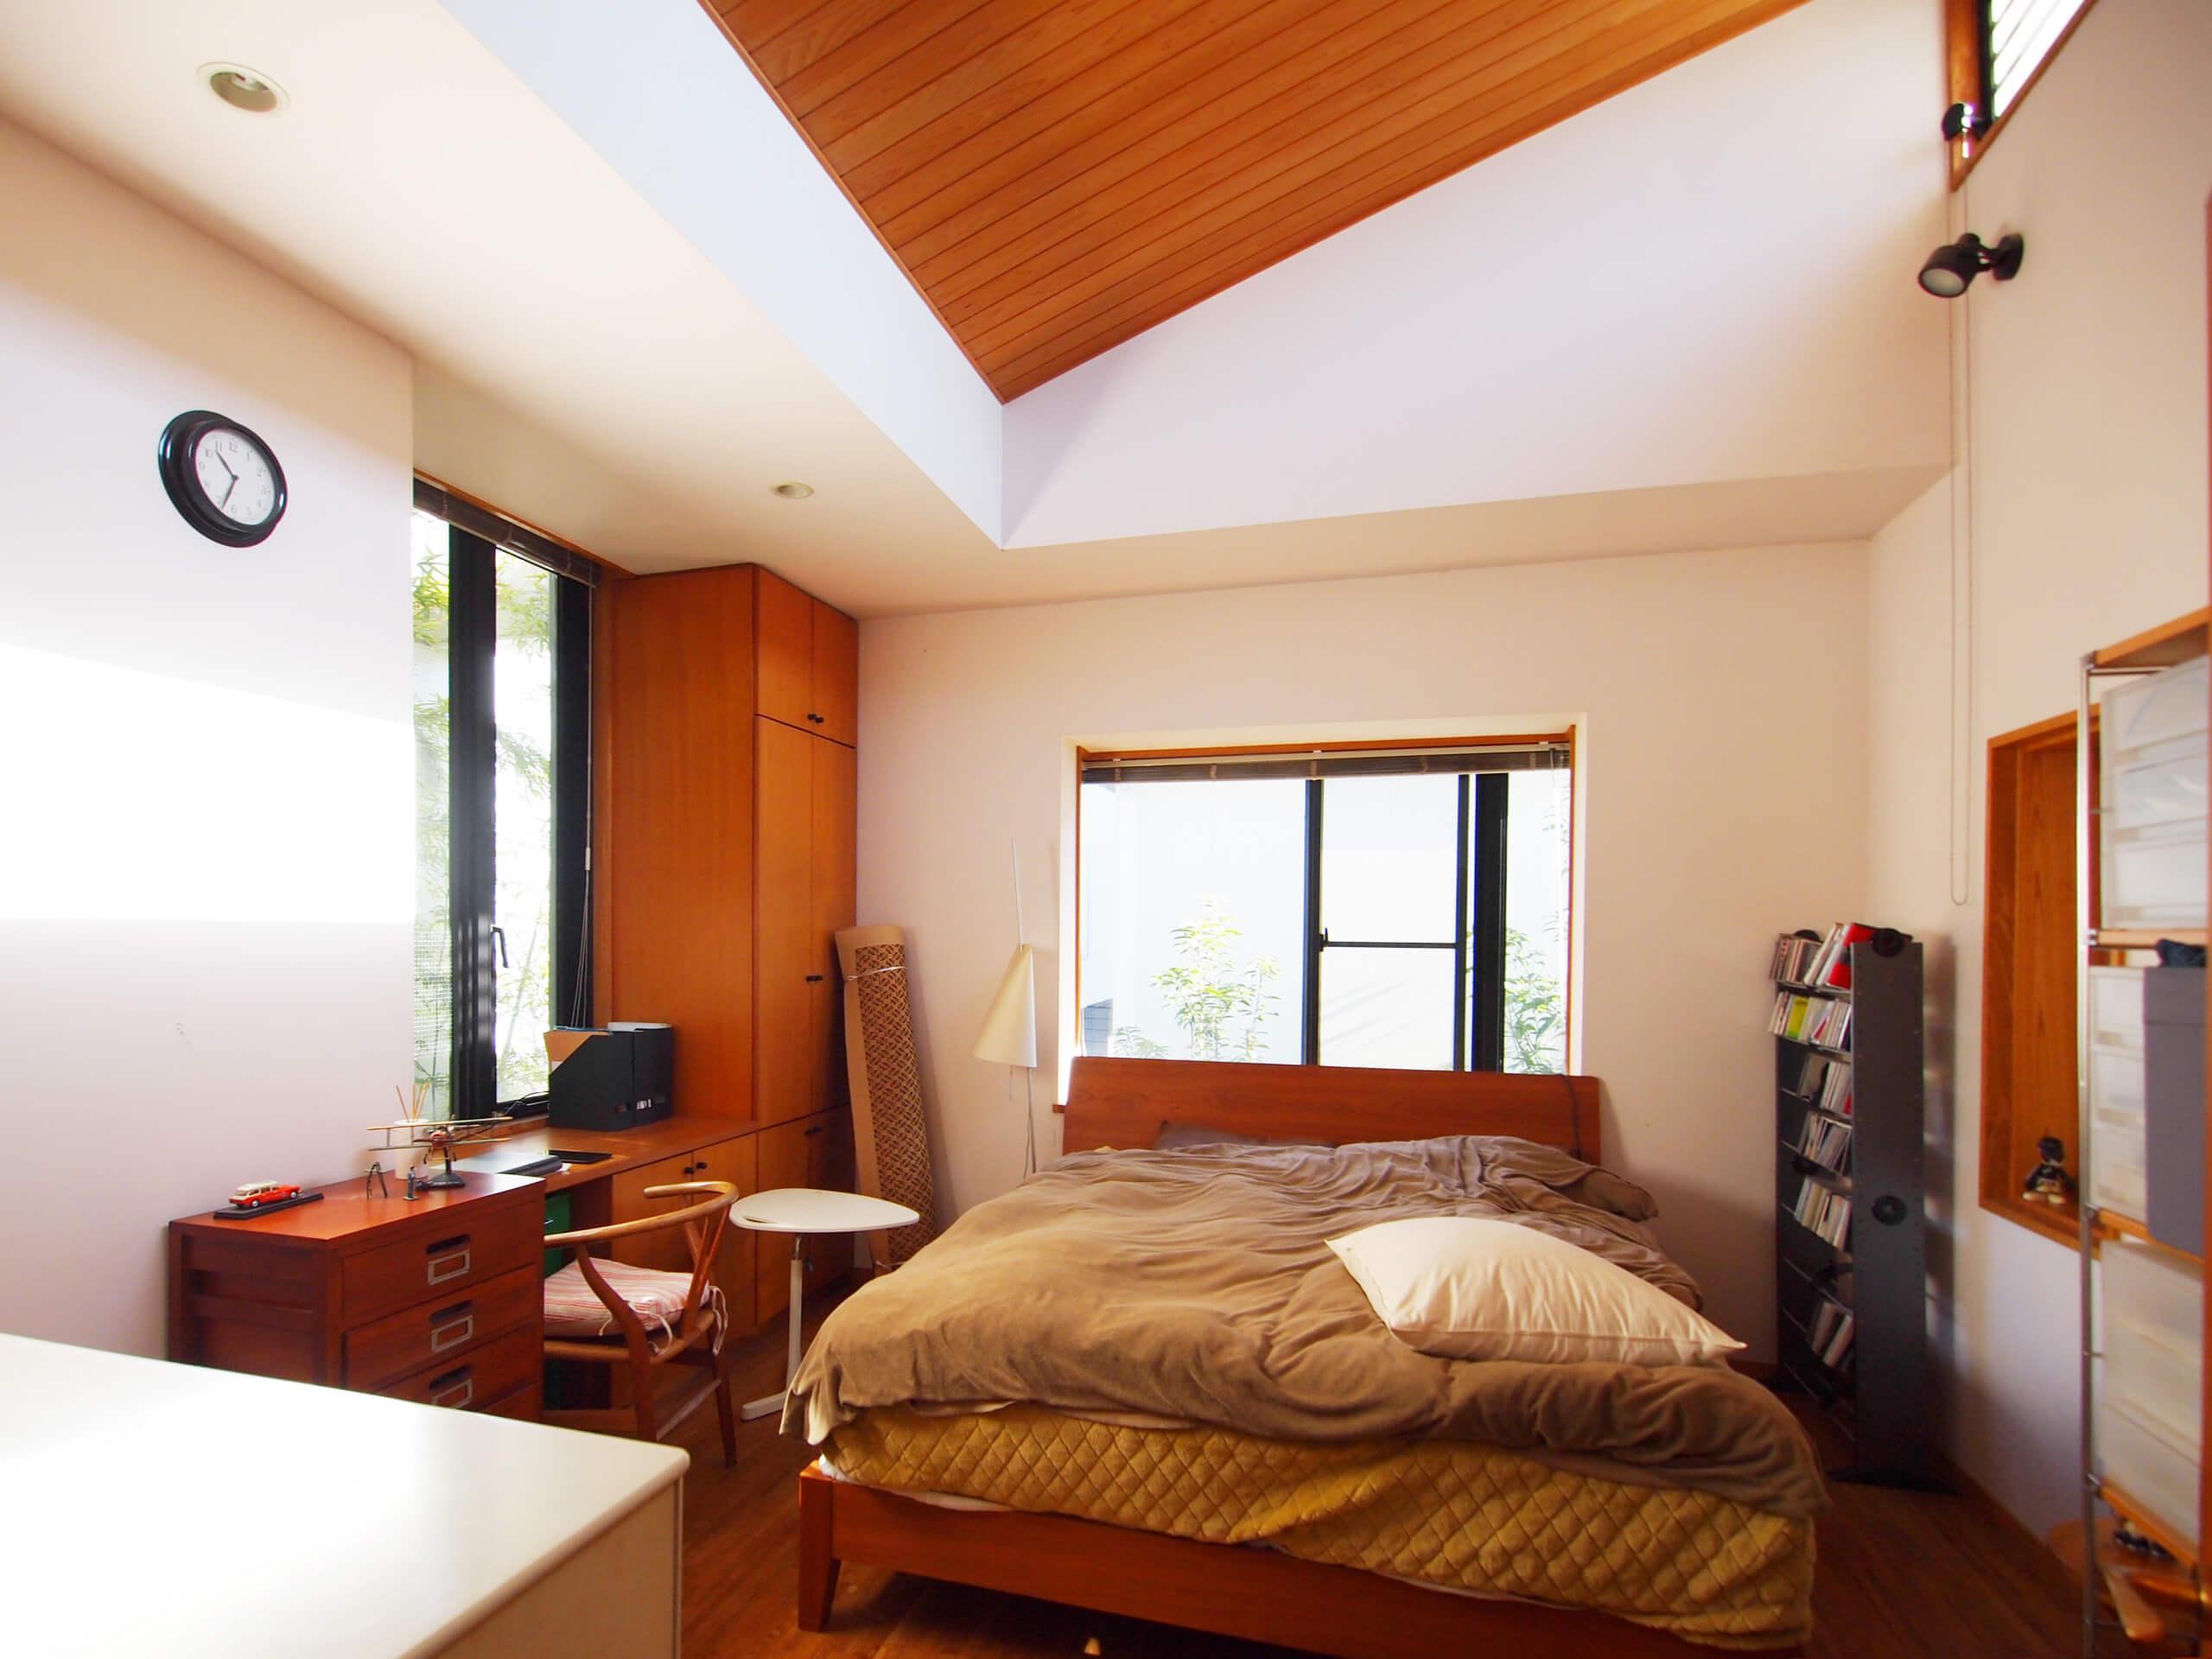 【北側】木を張った天井がすてきなメインの寝室